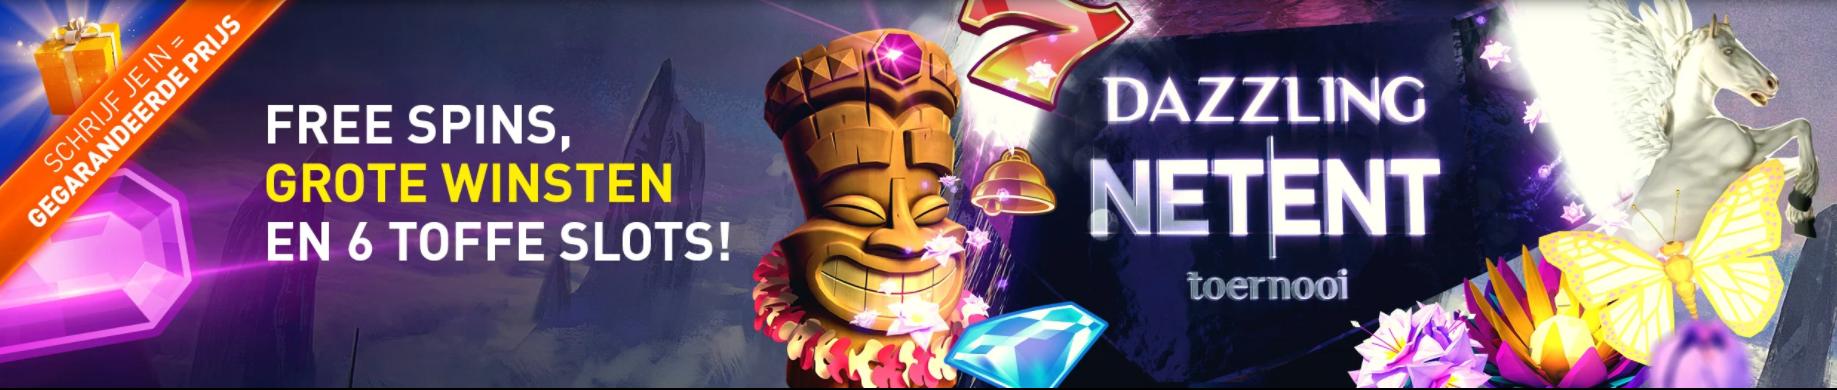 Dazzling NetEnt toernooi Casino 777 online speelhal Altijd prijs weekend Gratis spins 2021